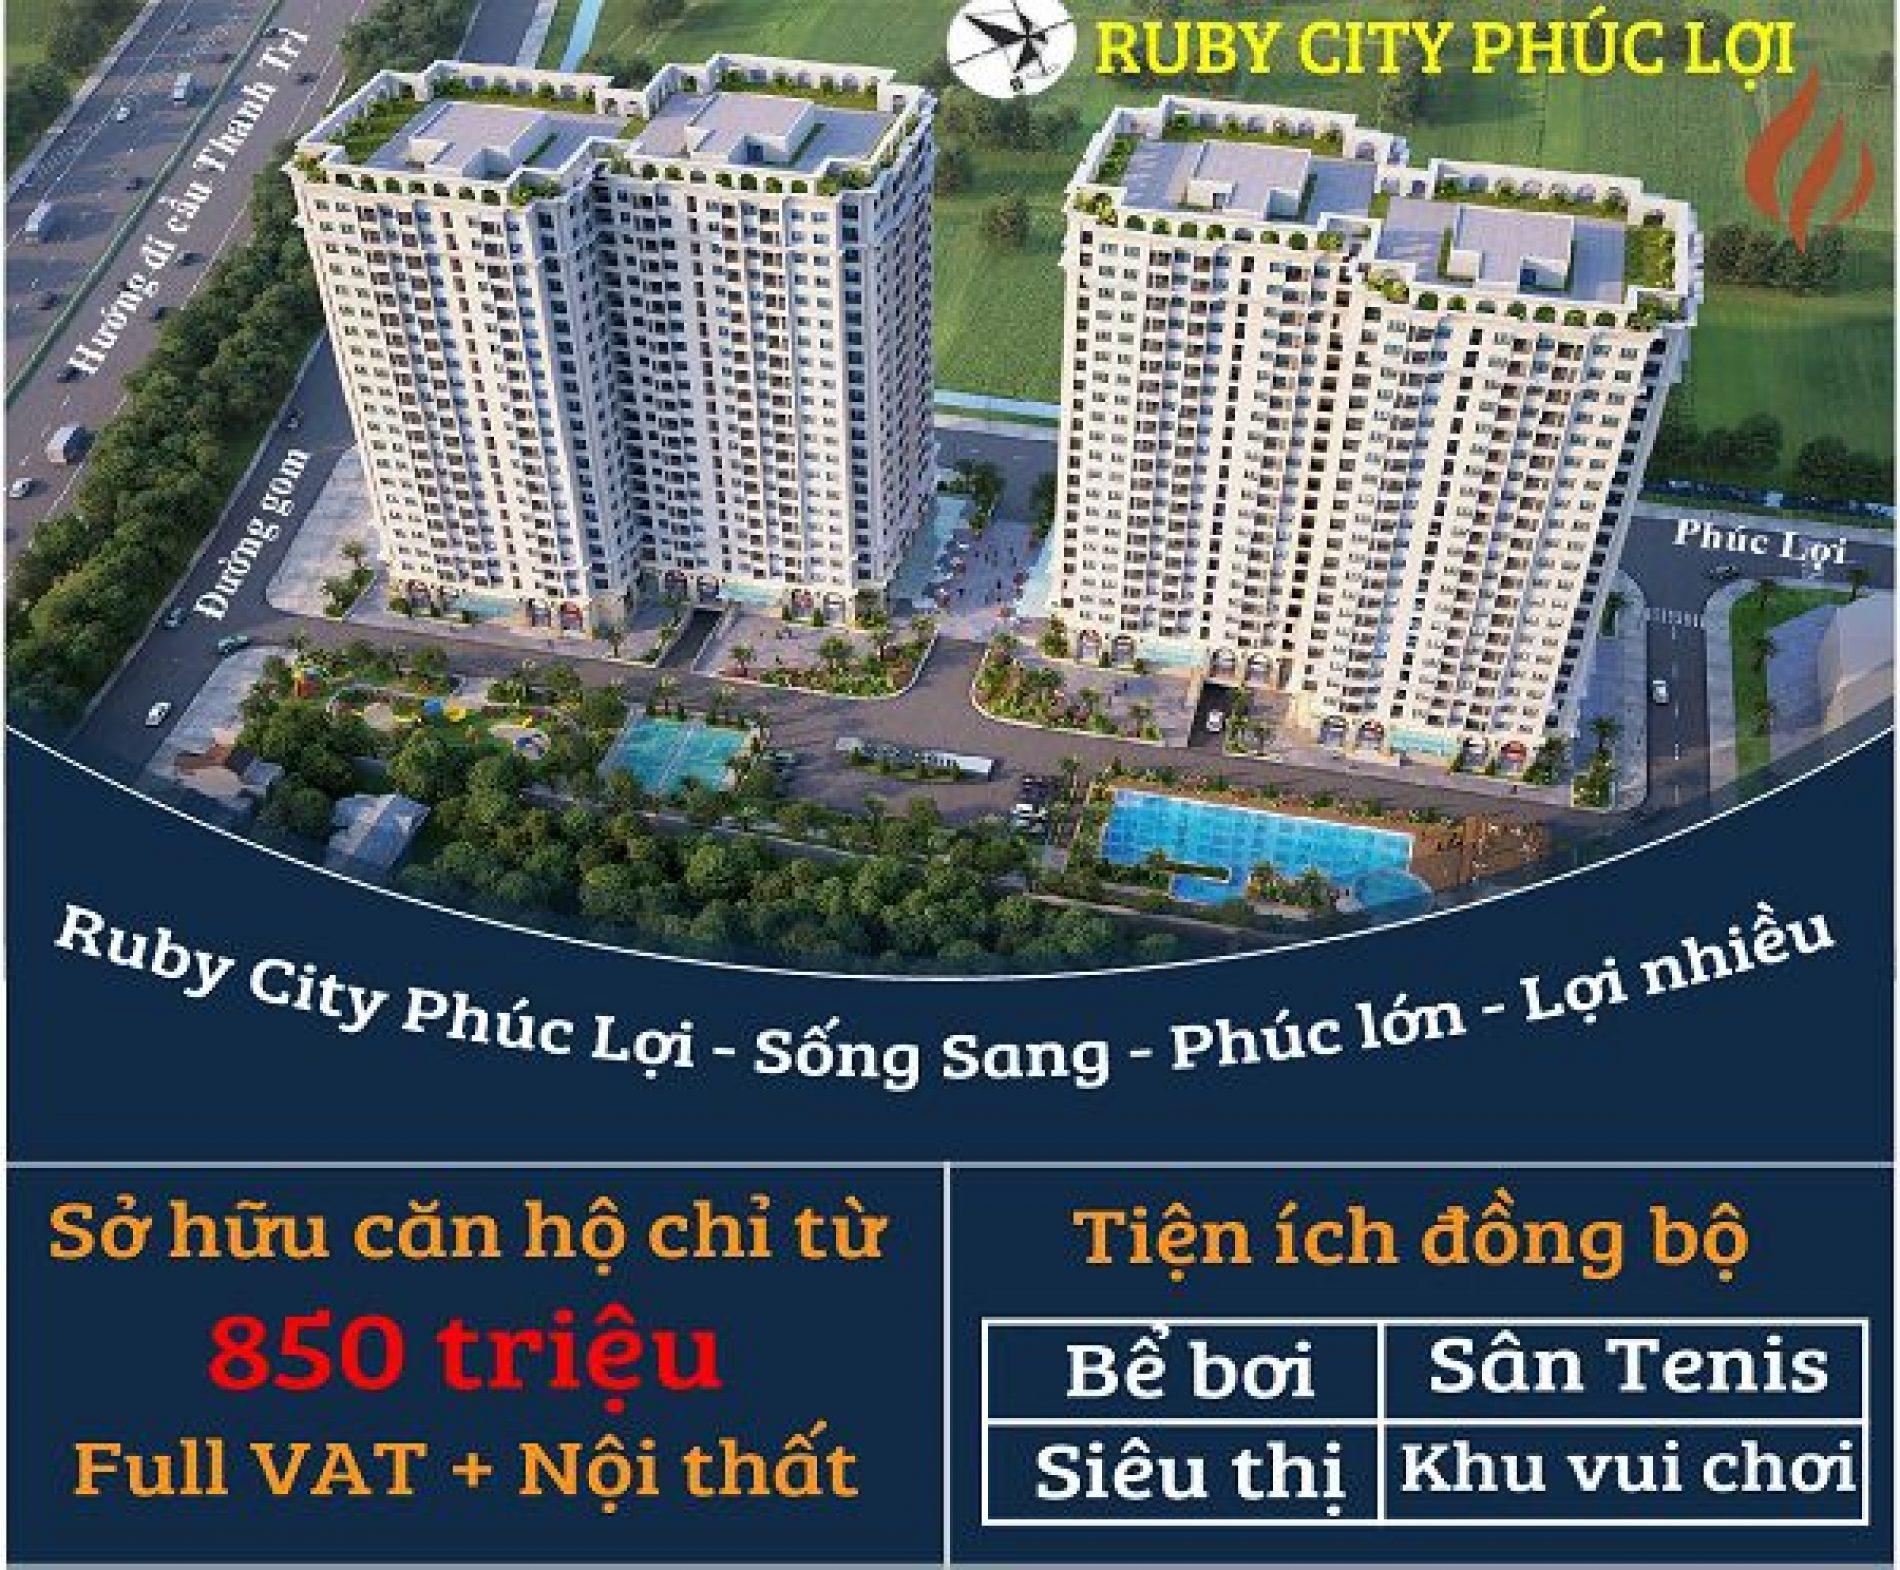 Quy trình đặt mua chung cư ruby city ct3